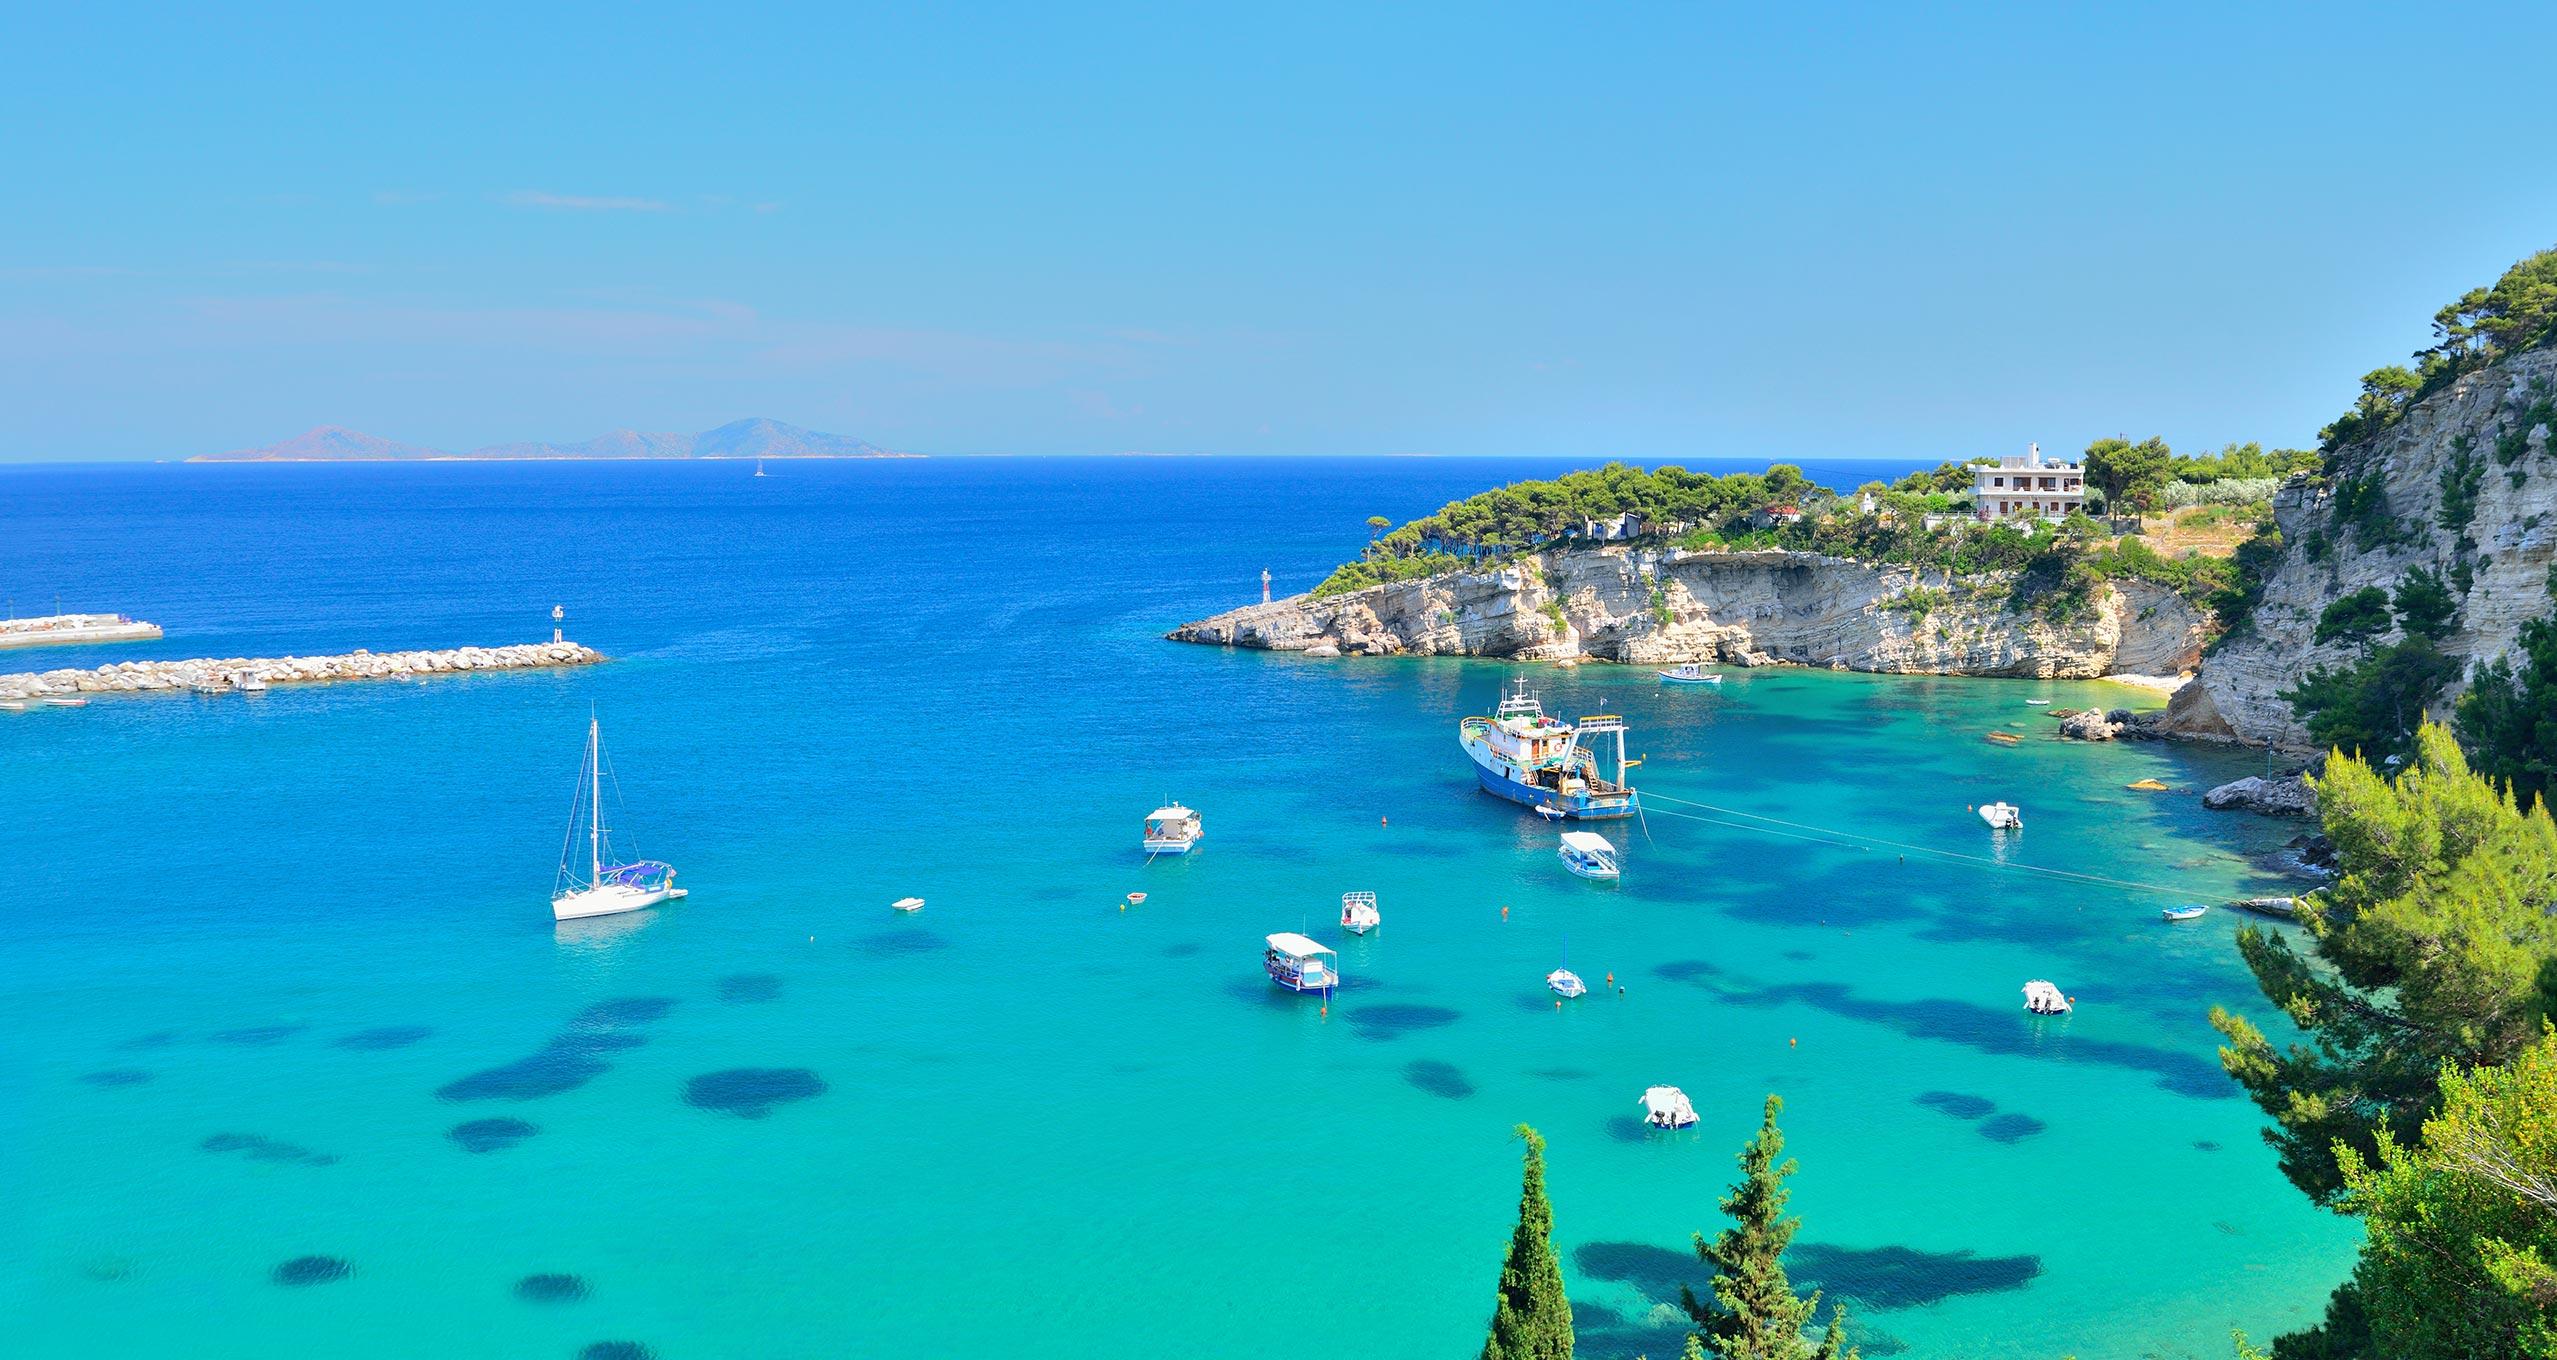 Το ελληνικό νησί της Αλοννήσου αναγνωρίζεται ως ένα από τα καλύτερα θέρετρα οικοτουρισμού στον κόσμο